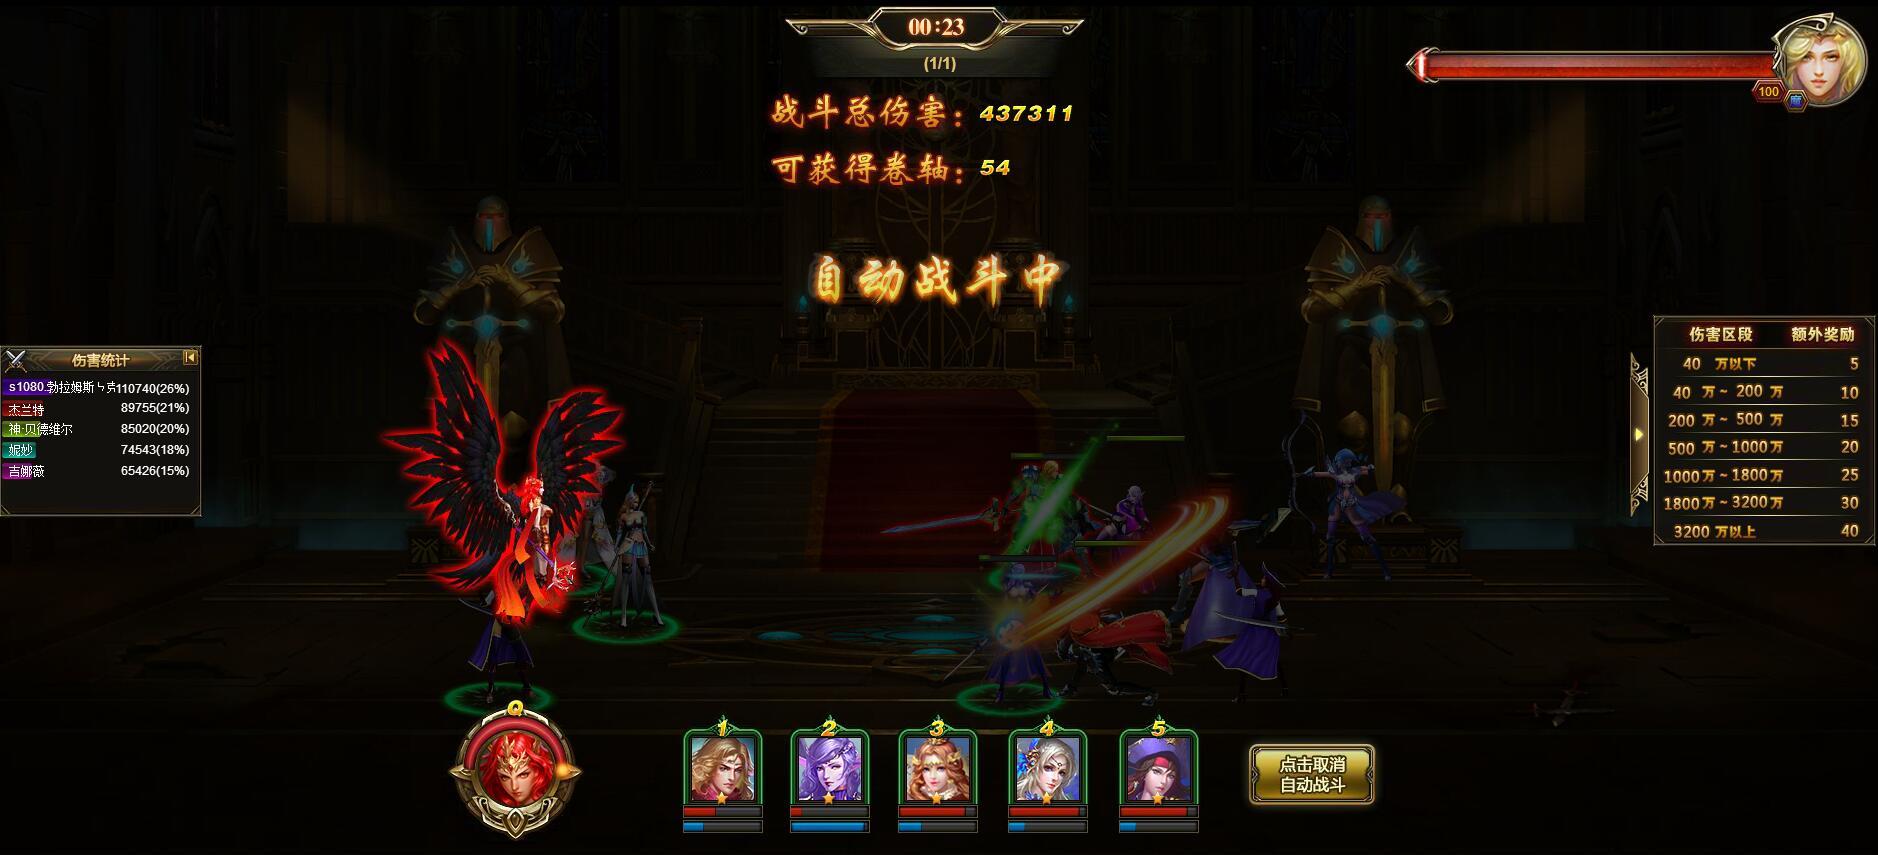 暗黑毁灭神游戏截图1